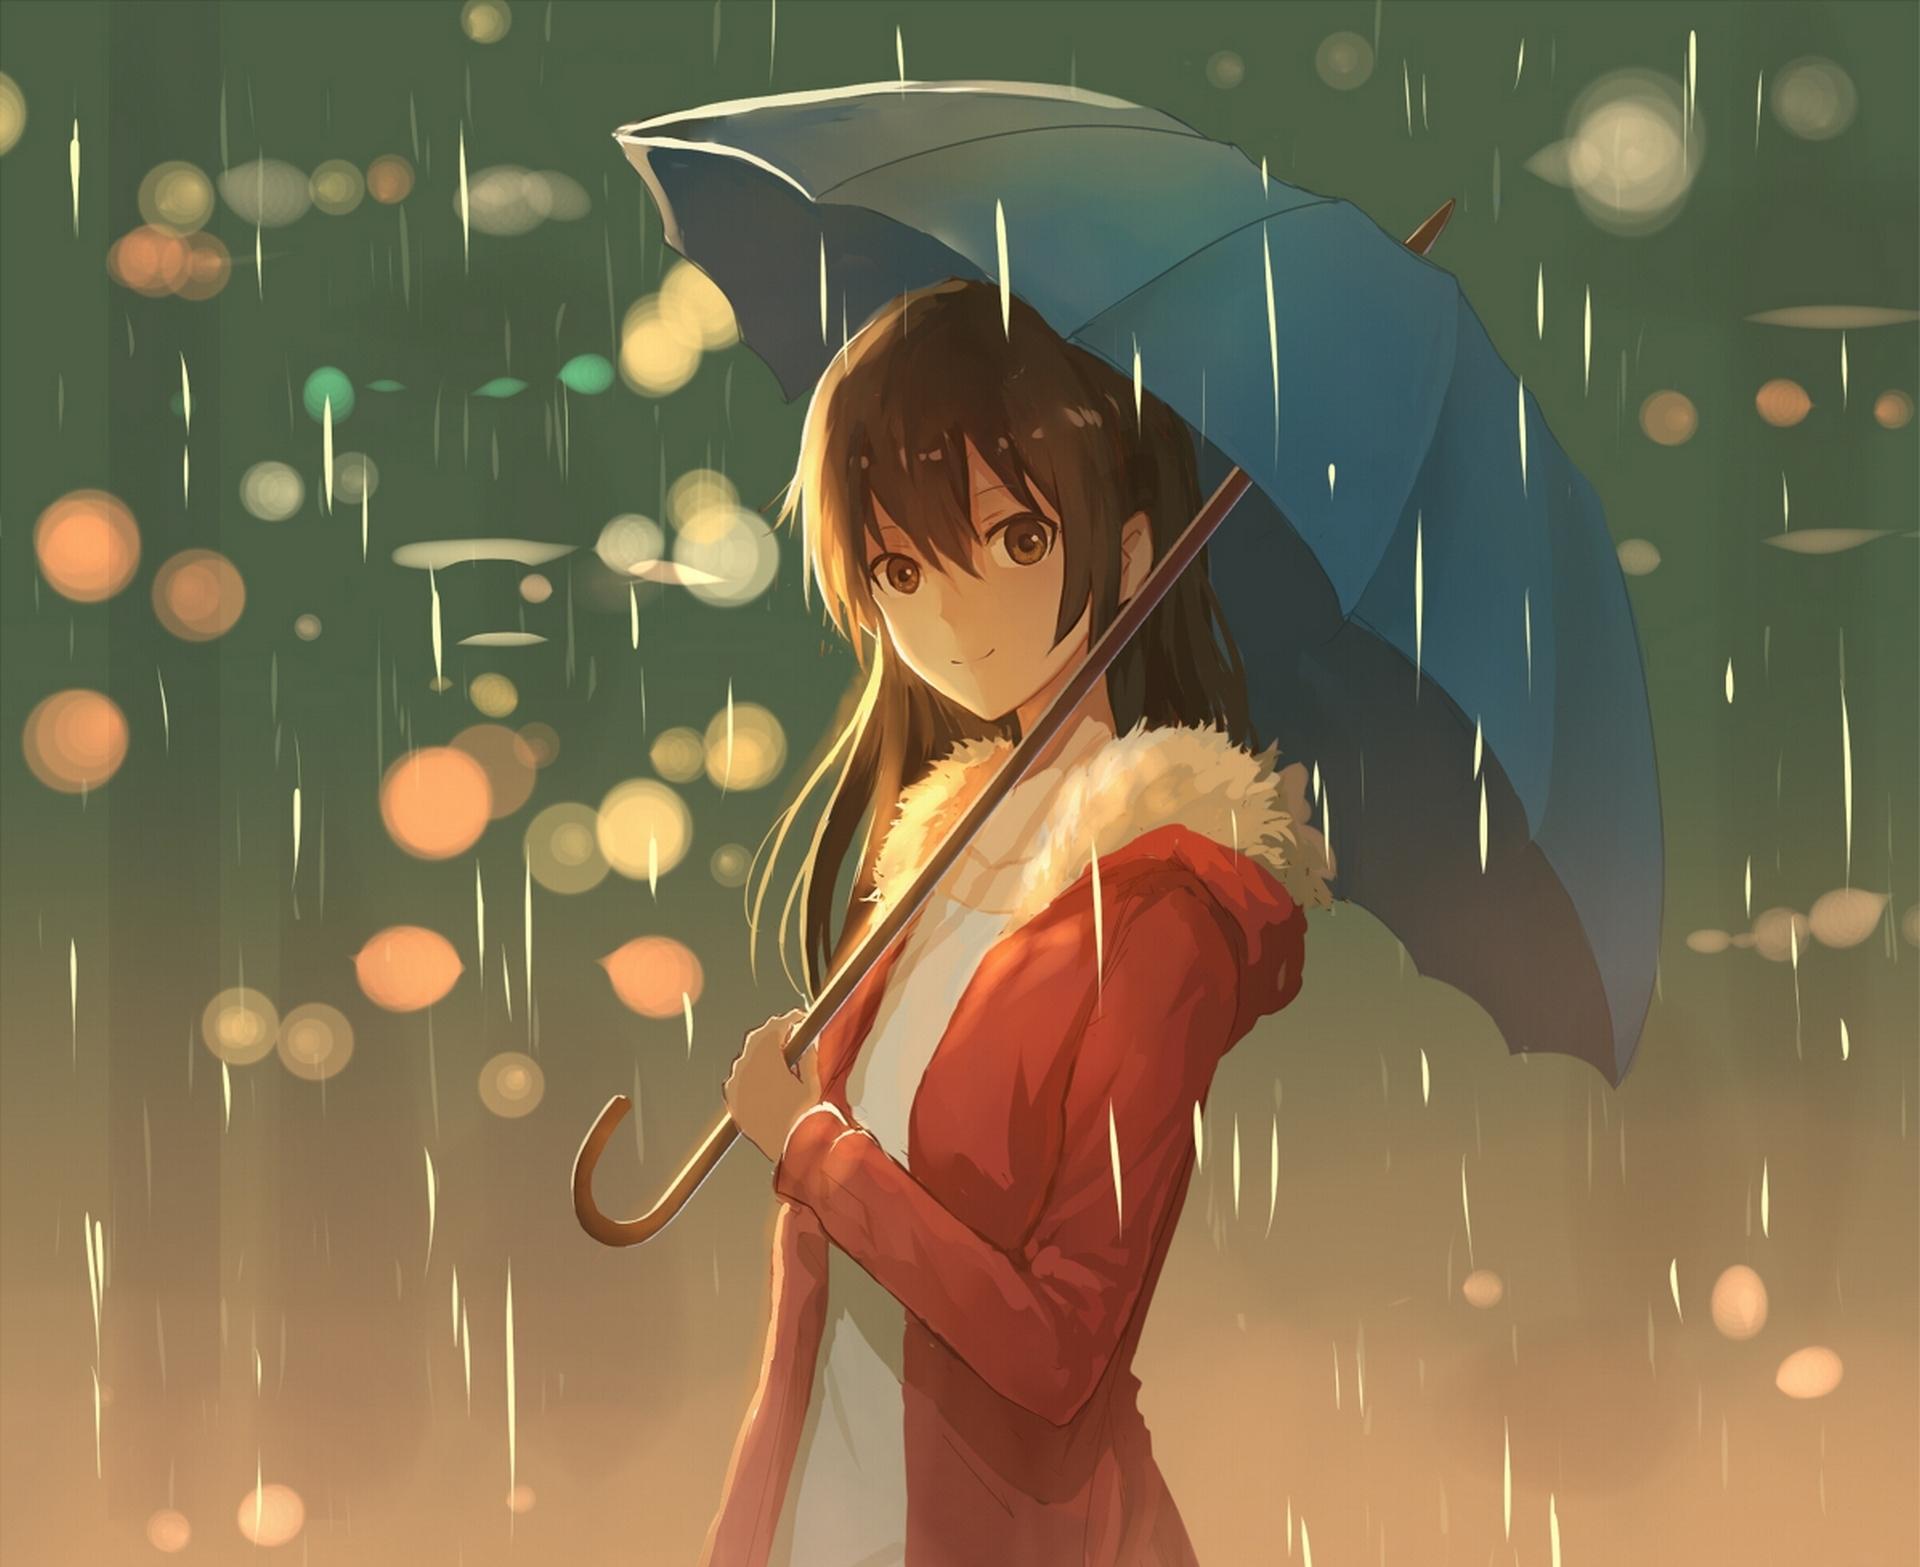 Wallpaper : illustration, anime, rain, umbrella, ART, girl ...